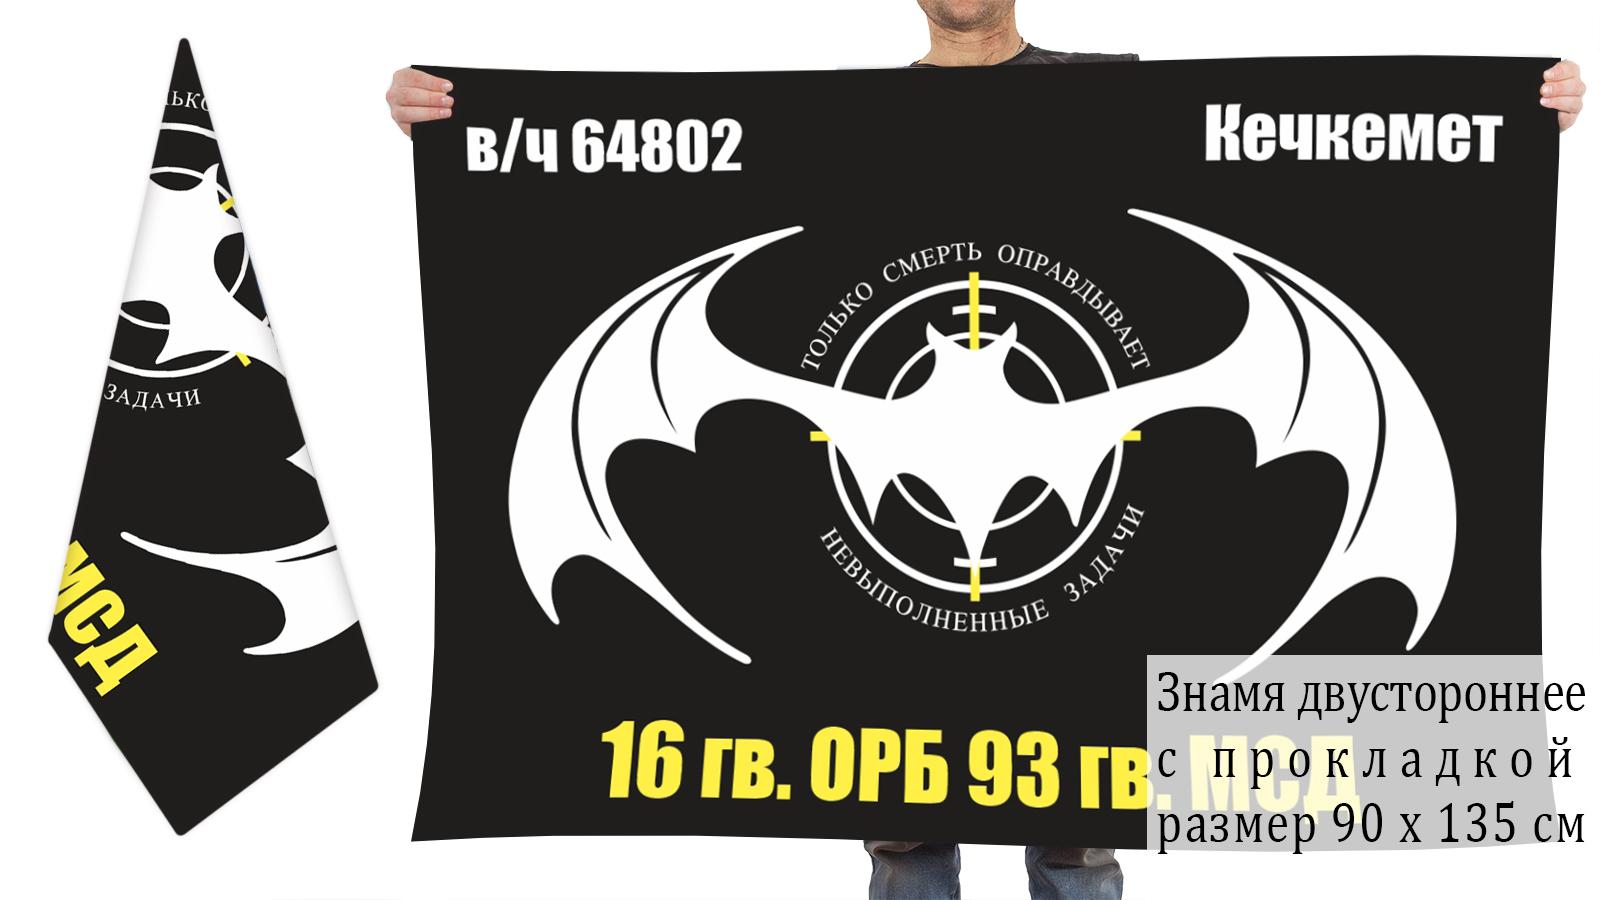 Двусторонний флаг 16 отдельного разведбата 93 МСД